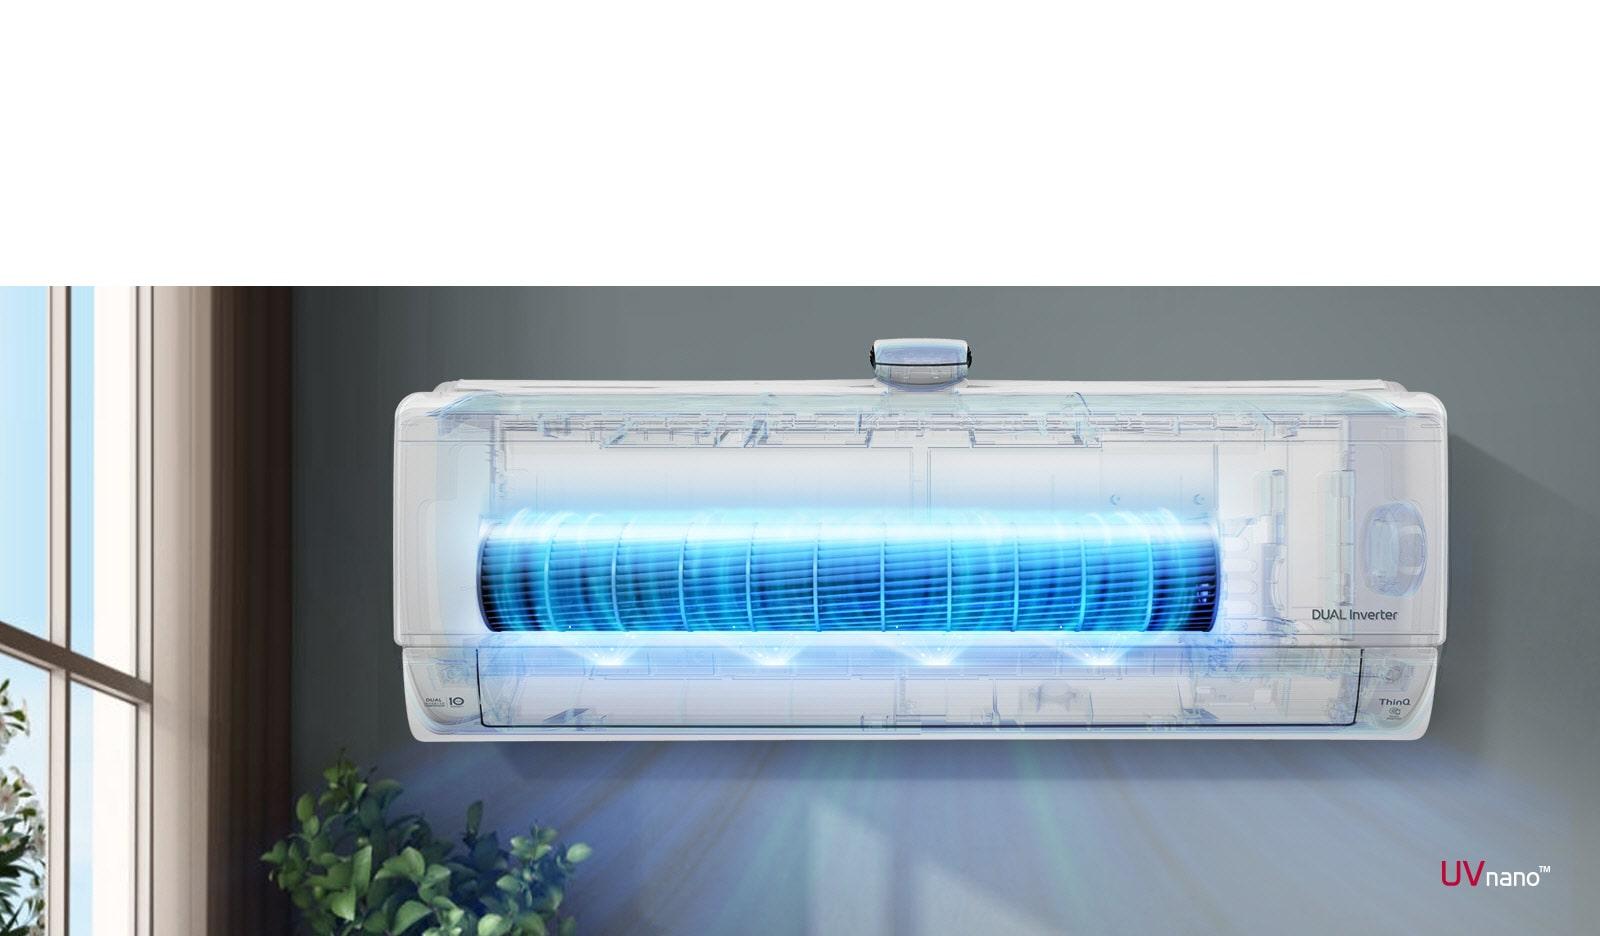 Video hiển thị mặt trước của máy điều hòa không khí được lắp trên tường. Mặt trước của máy nhìn xuyên qua và hiển thị các hoạt động bên trong. Quạt được thể hiện nổi bật màu xanh lam để hiển thị đèn LED UV loại bỏ vi khuẩn. Không khí thổi ra khỏi máy. Logo UVnano nằm ở góc dưới bên phải.